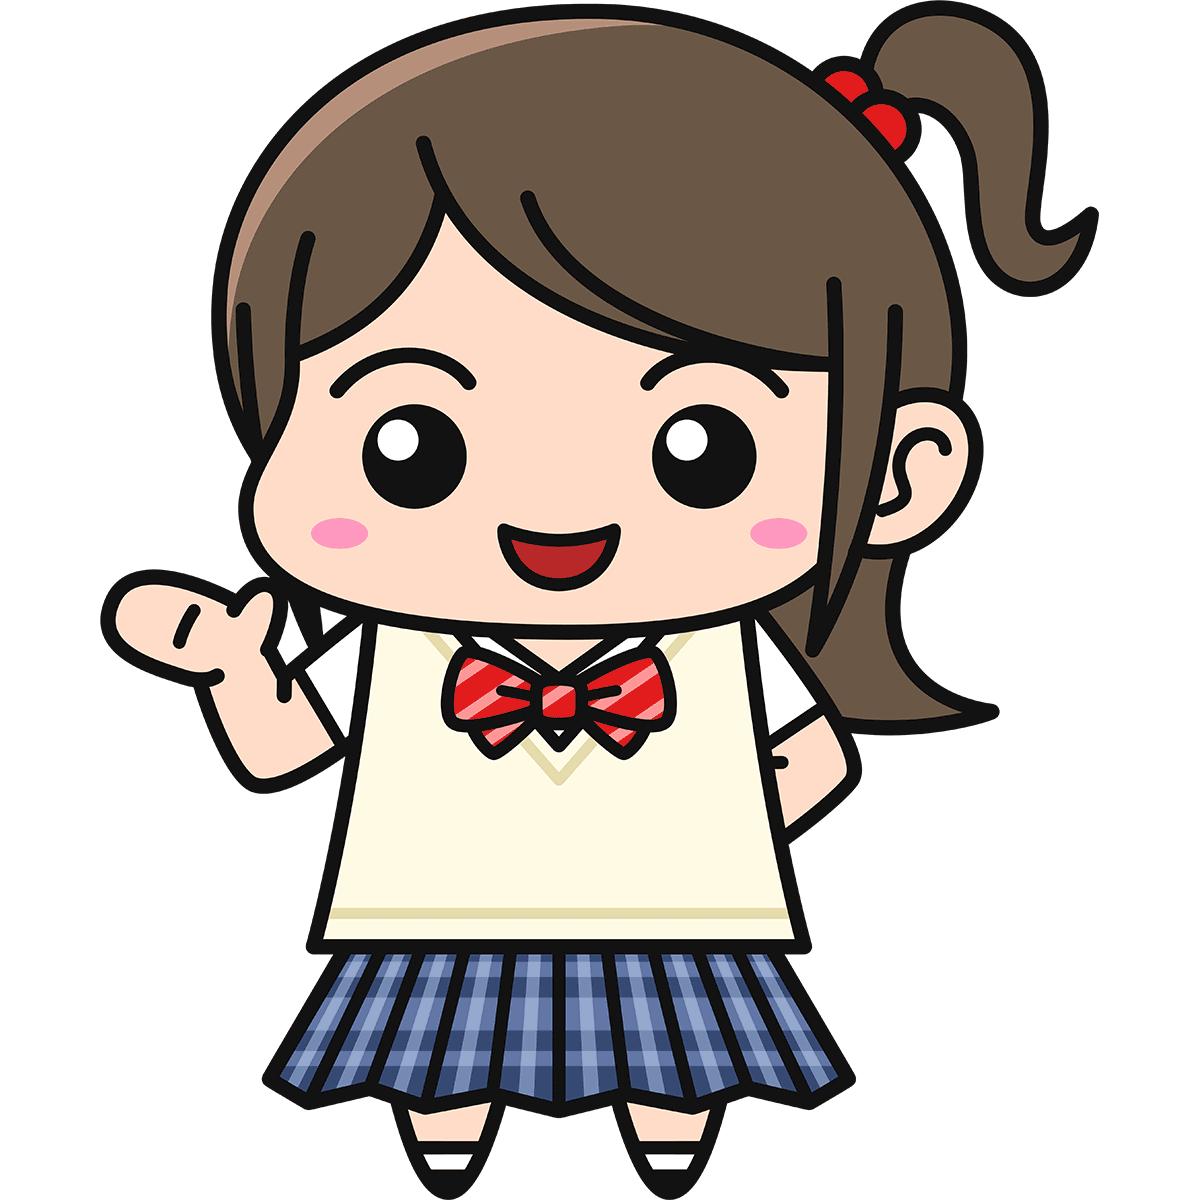 女子高生(案内/ブレザー)の無料イラスト